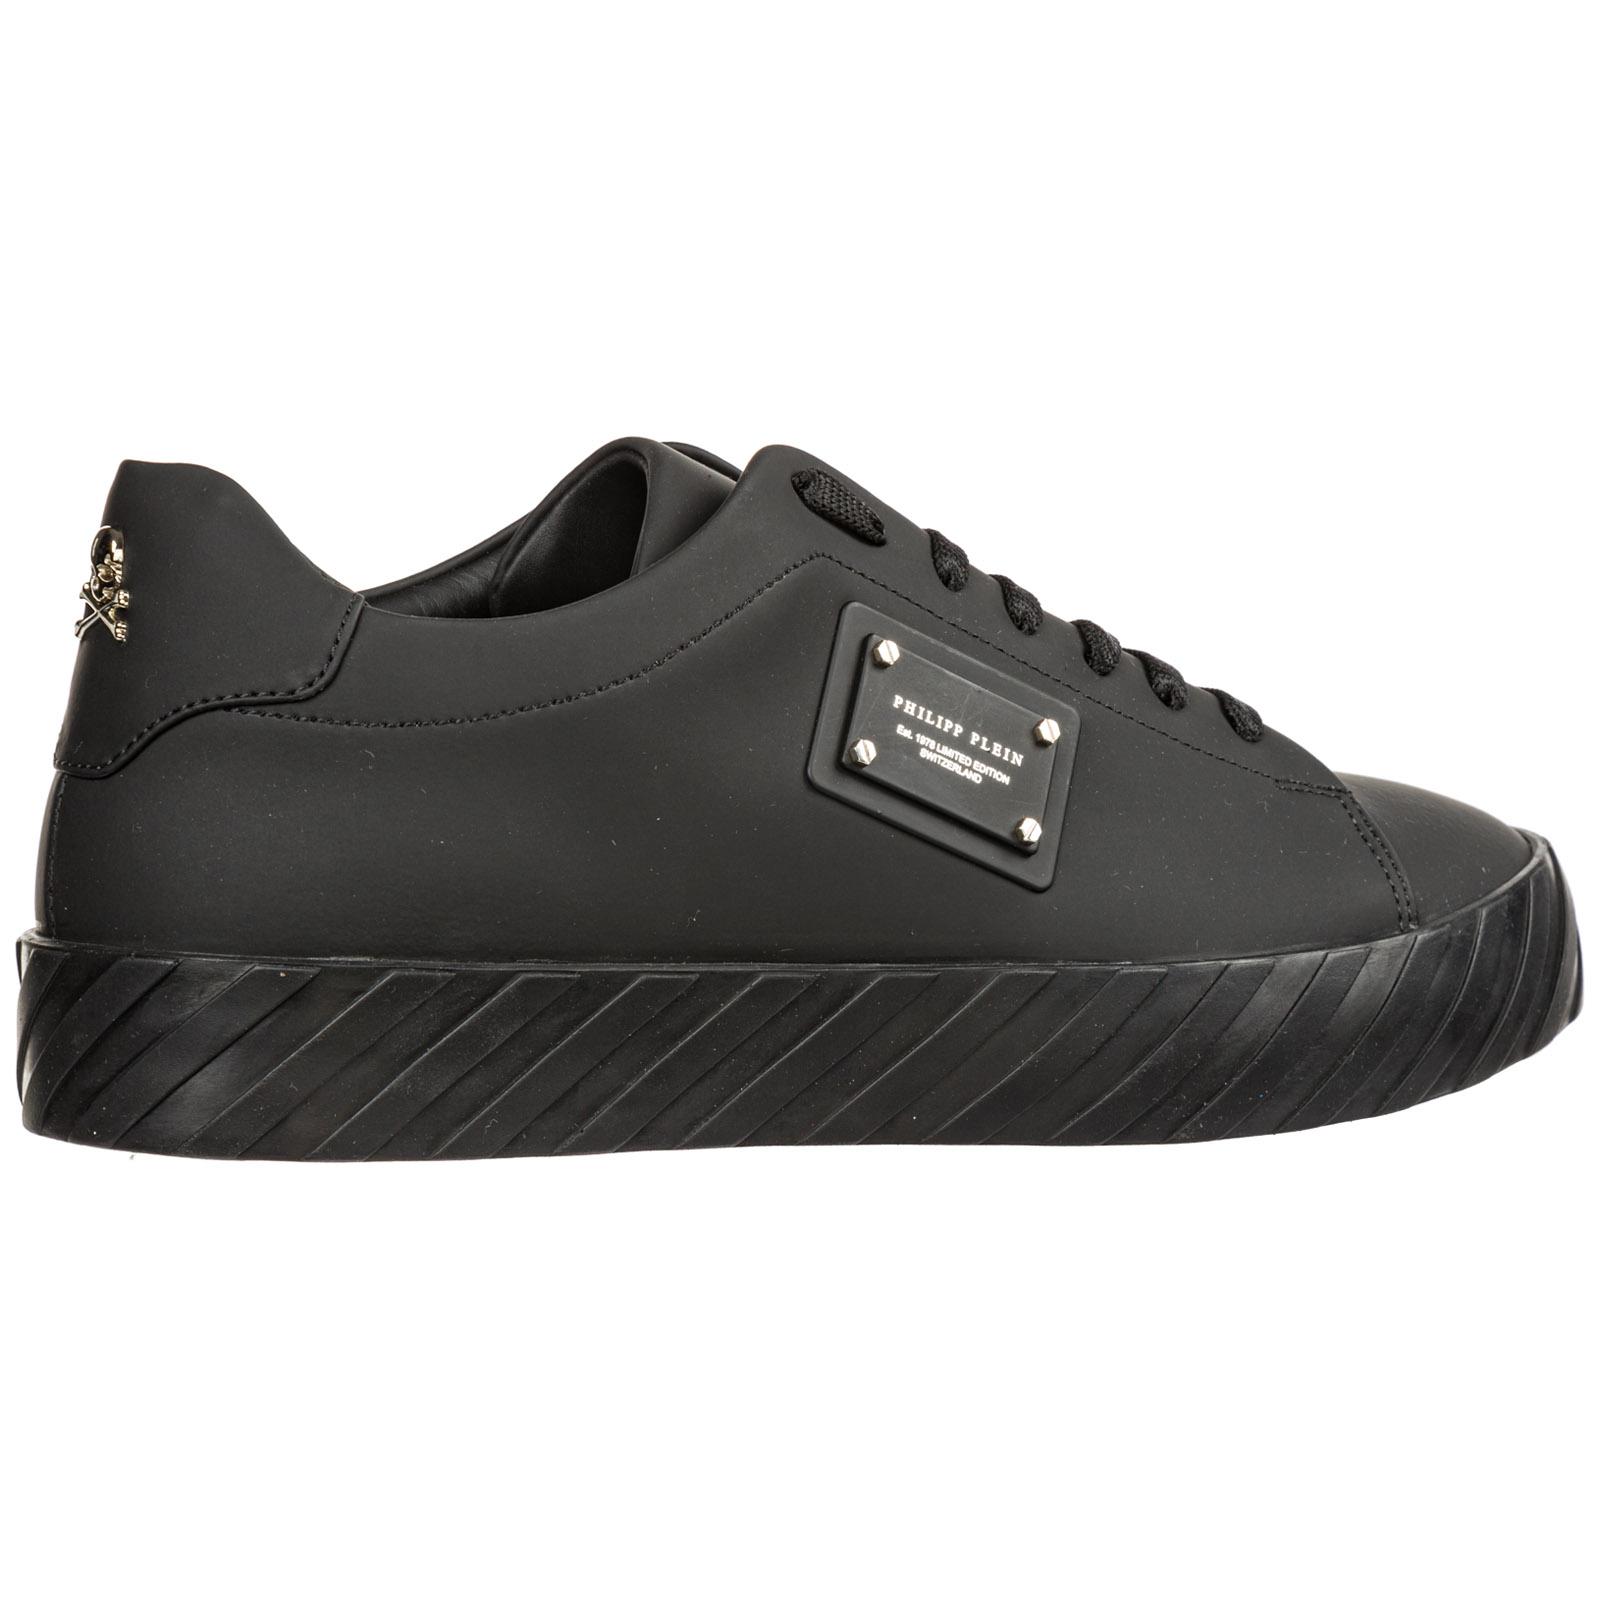 sito affidabile e4389 6ea4f Scarpe sneakers uomo in pelle